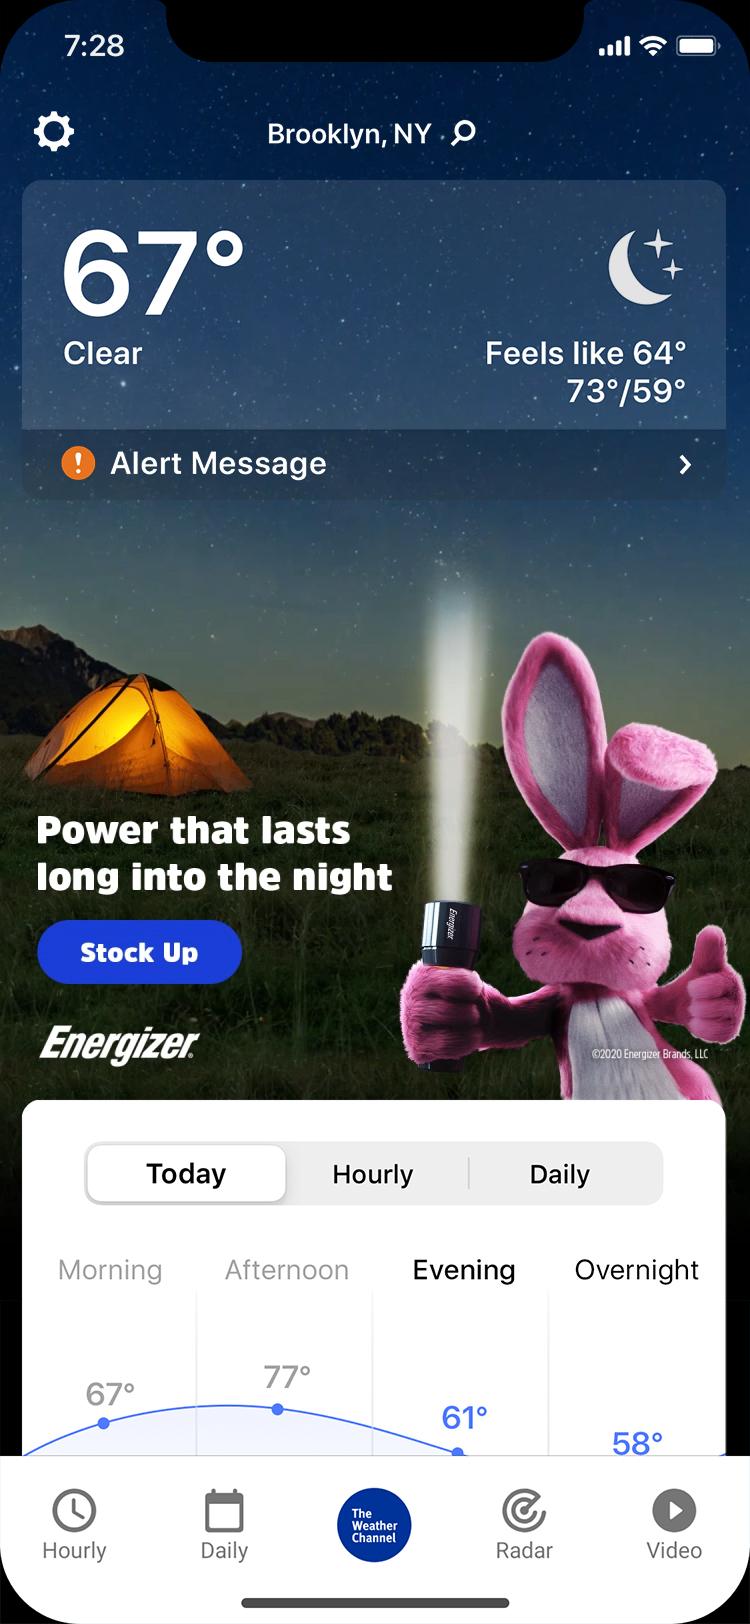 energizer-maim-clear-night